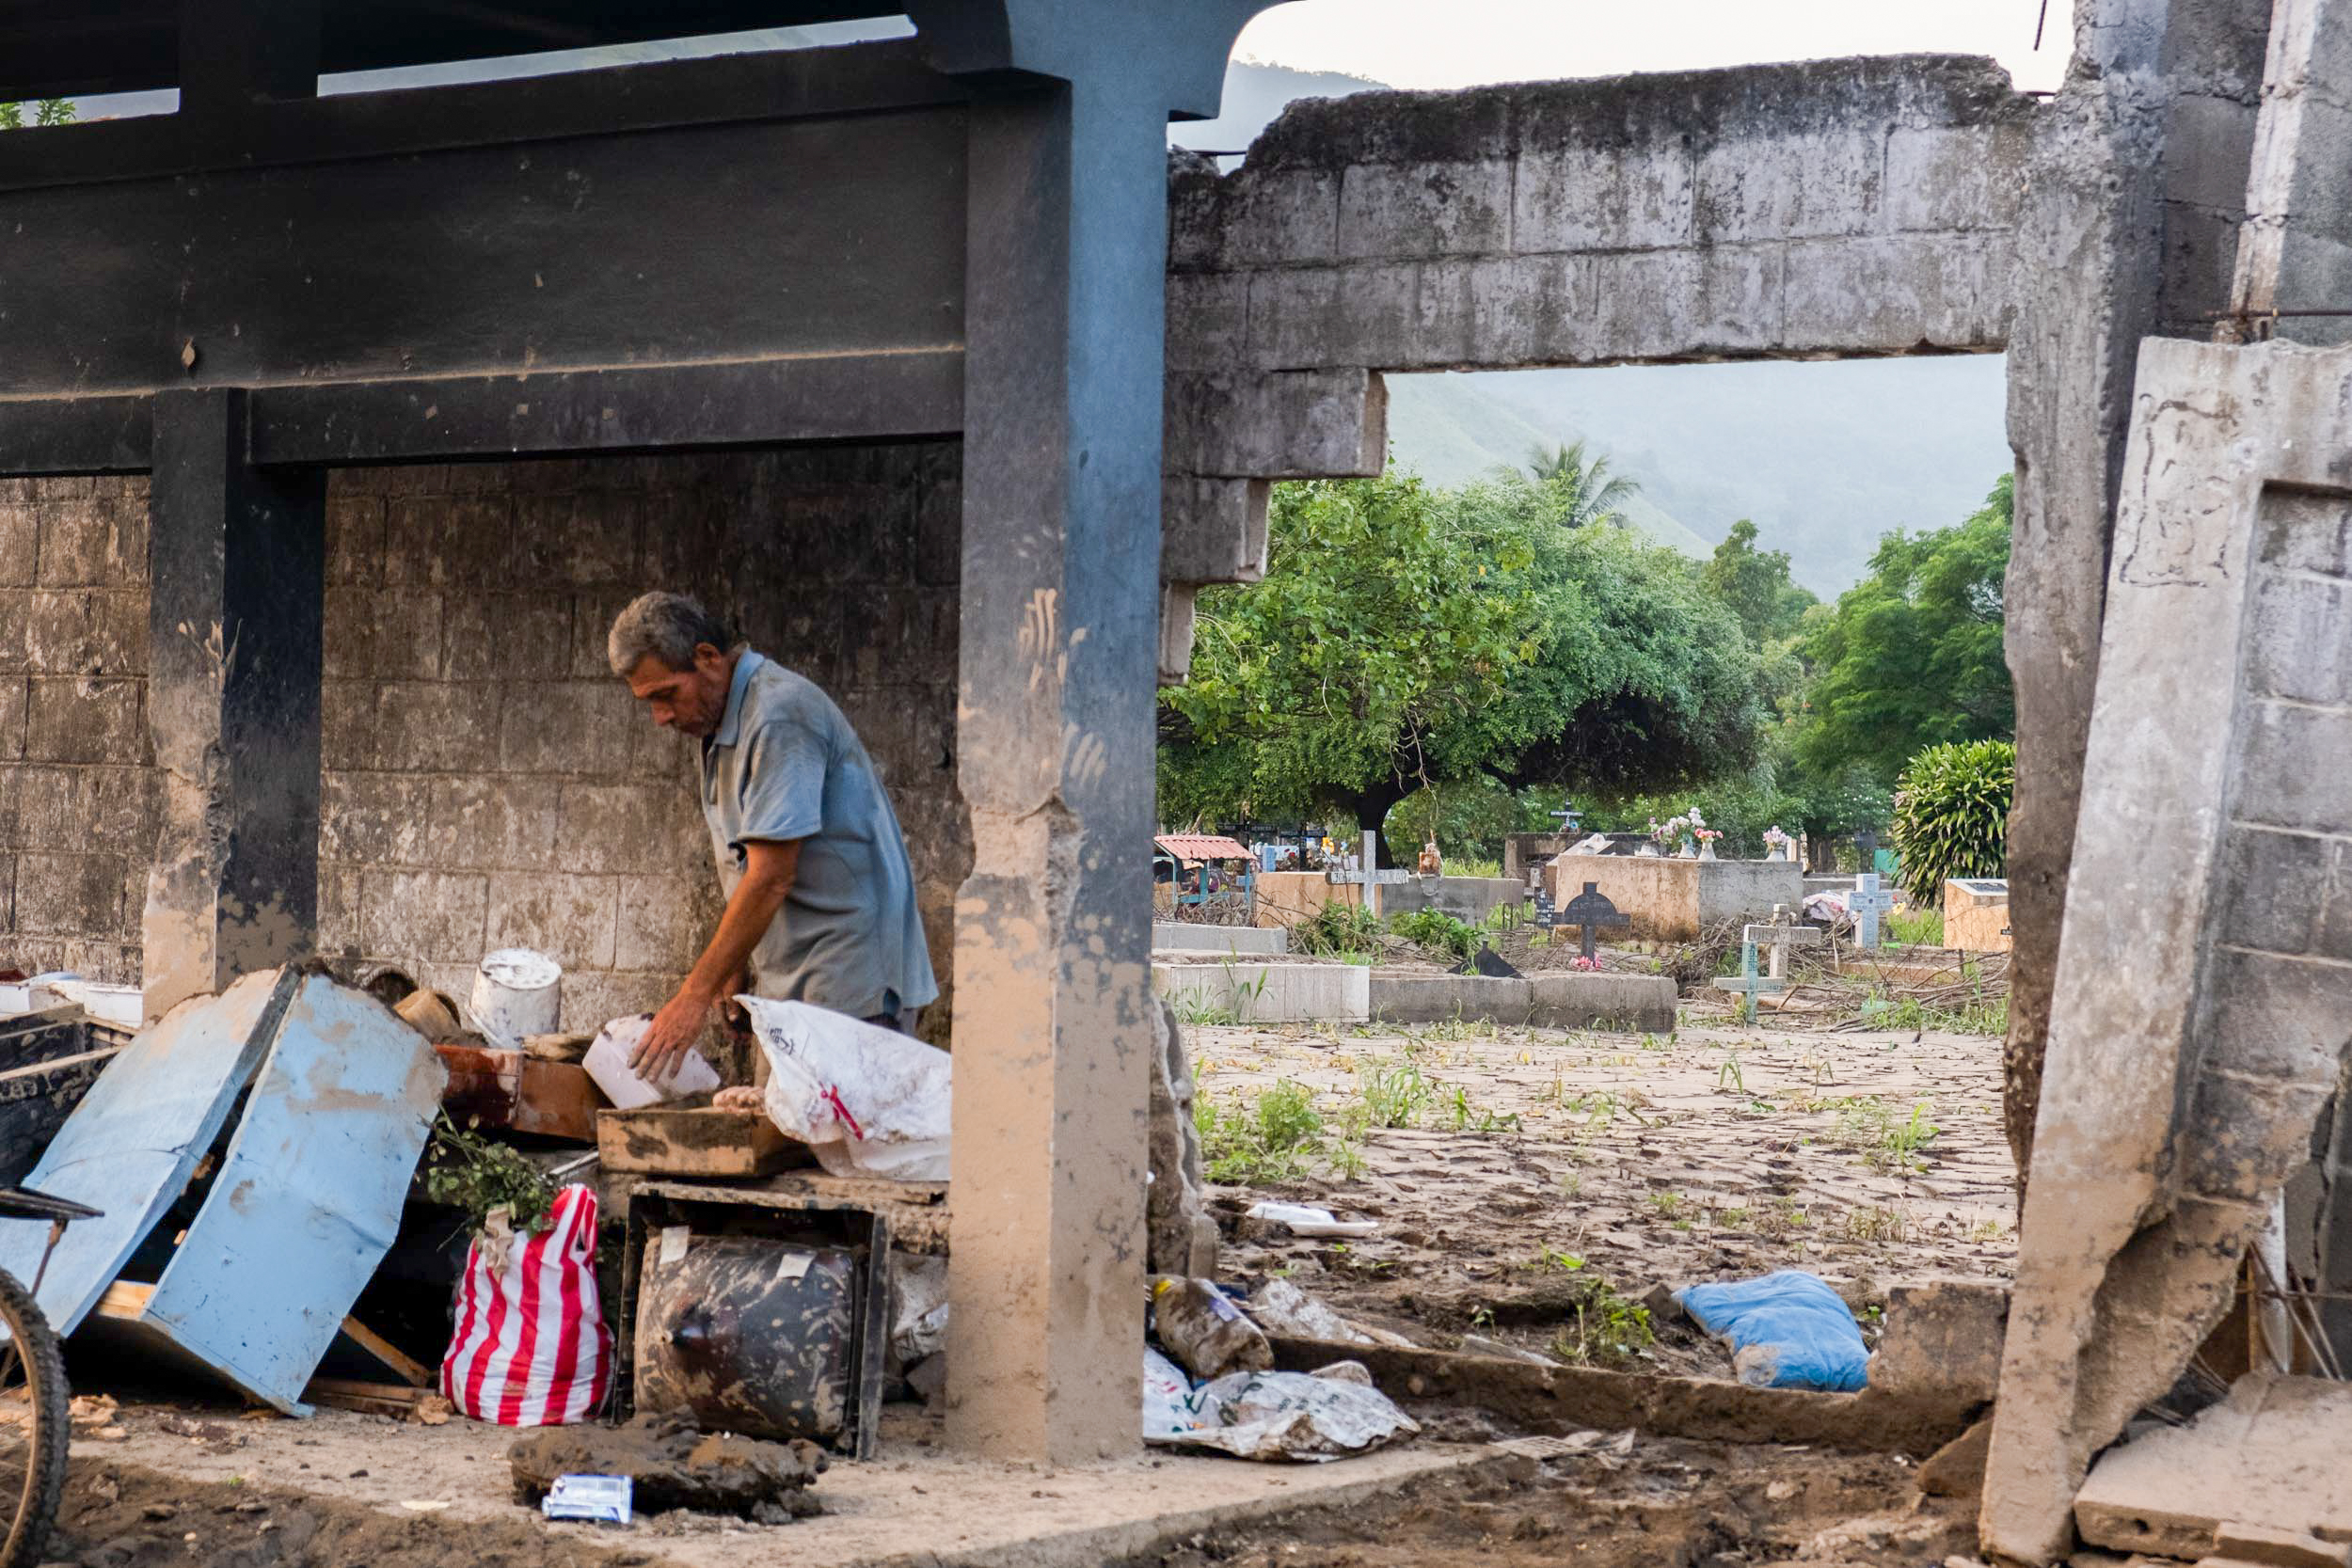 Gran parte del muro del cementerio general en Chamelecón se cayó como consecuencia de las inundaciones causadas por Eta. San Pedro Sula, 10 de noviembre de 2020. Foto: Deiby Yanes.